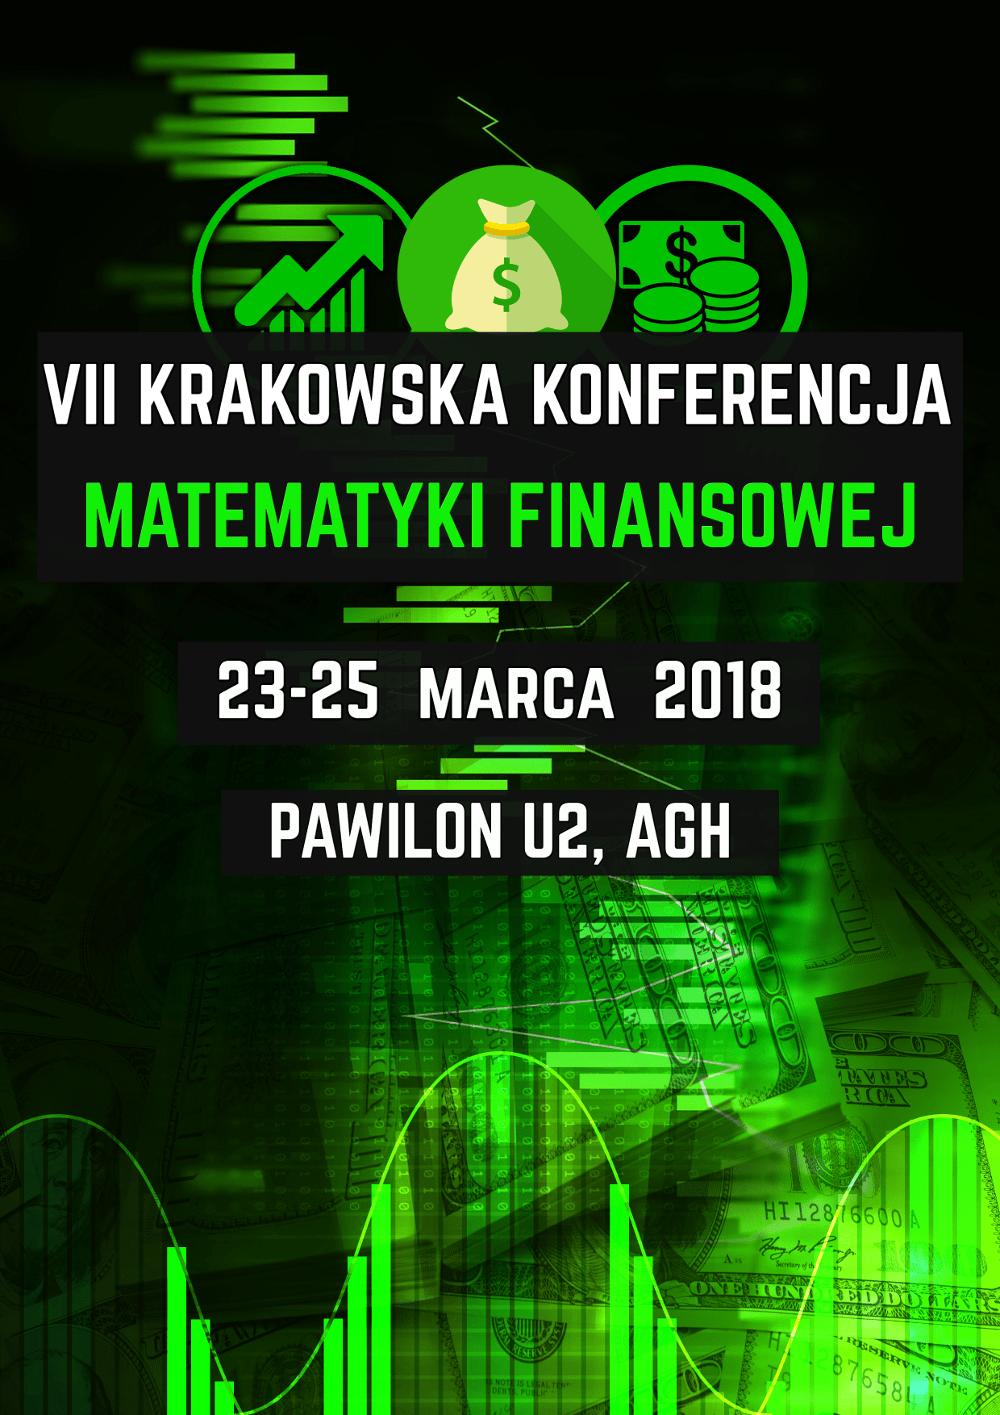 Konferencja odbędzie się w dniach 23-25 marca 2018 roku.